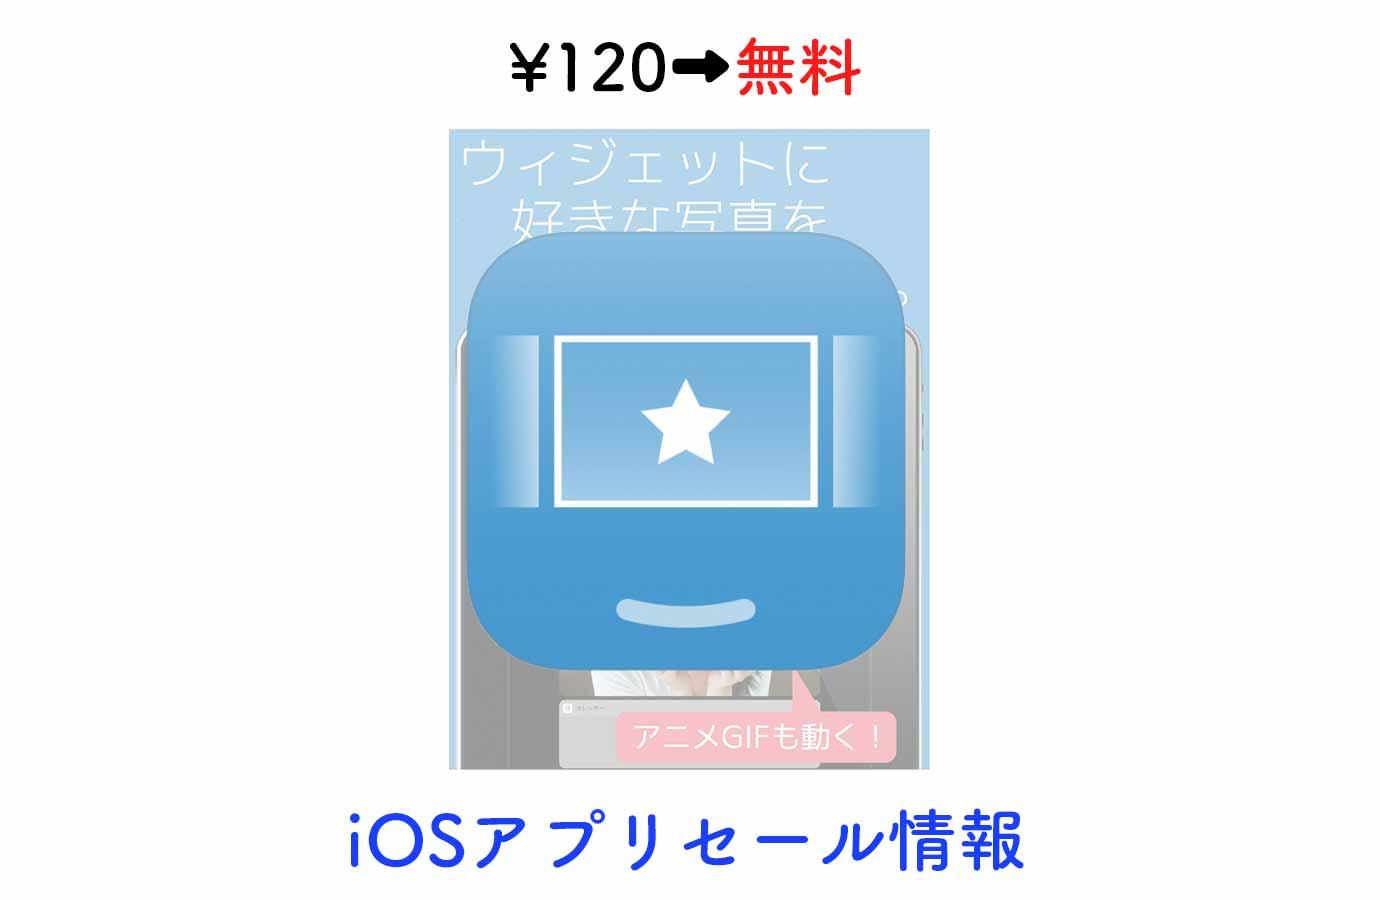 【7/14】¥120→無料、ウィジェットに写真やGIFアニメを貼付けられる「写真ウィジェット」など[iOSアプリセール情報]